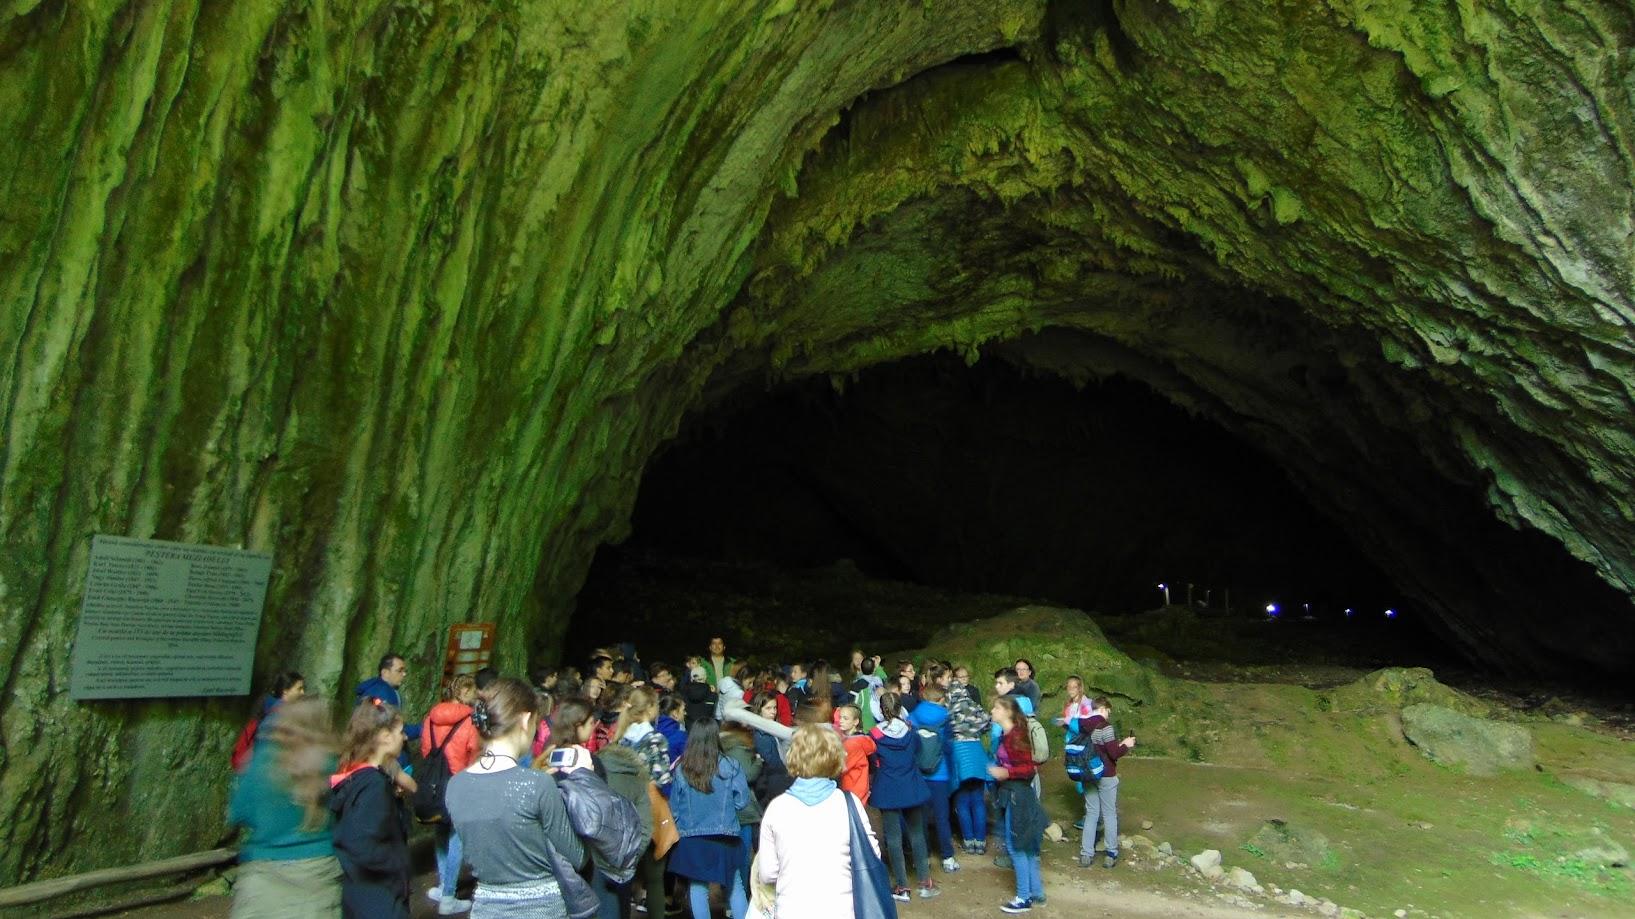 Mézgendi-barlang